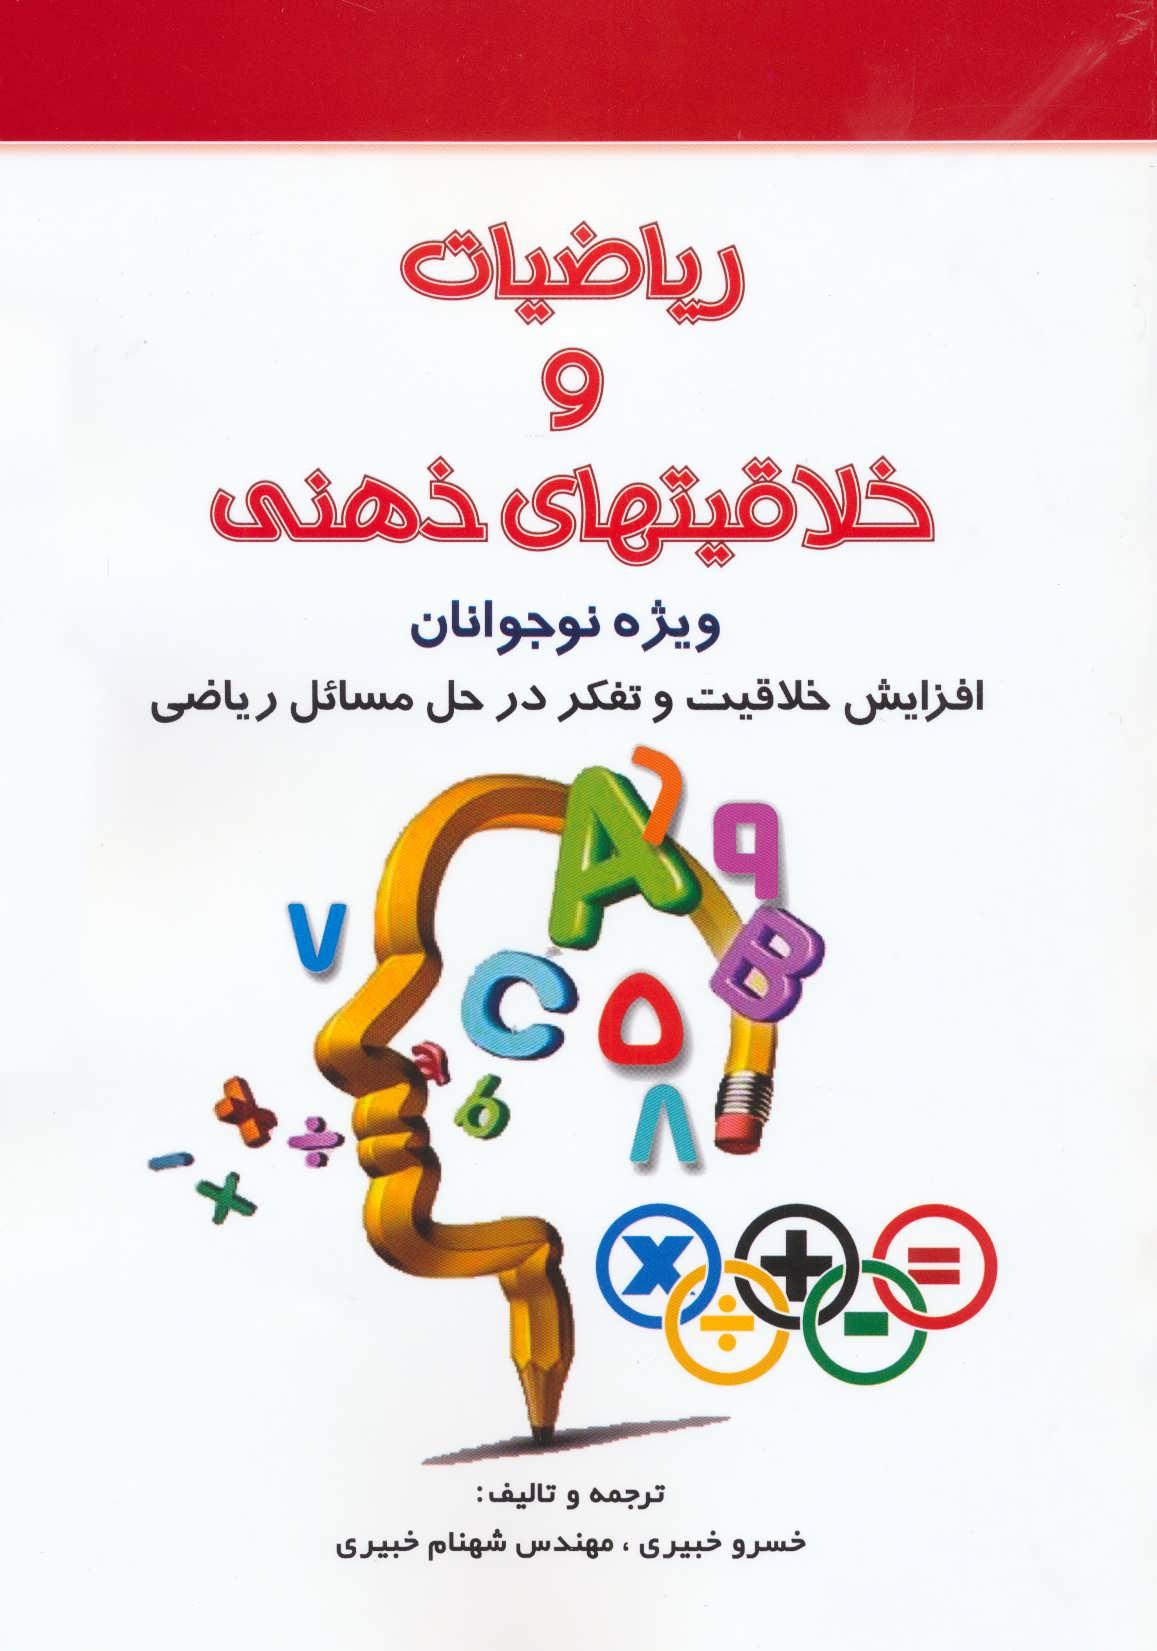 کتاب ریاضیات و خلاقیتهای ذهنی: ویژه نوجوانان